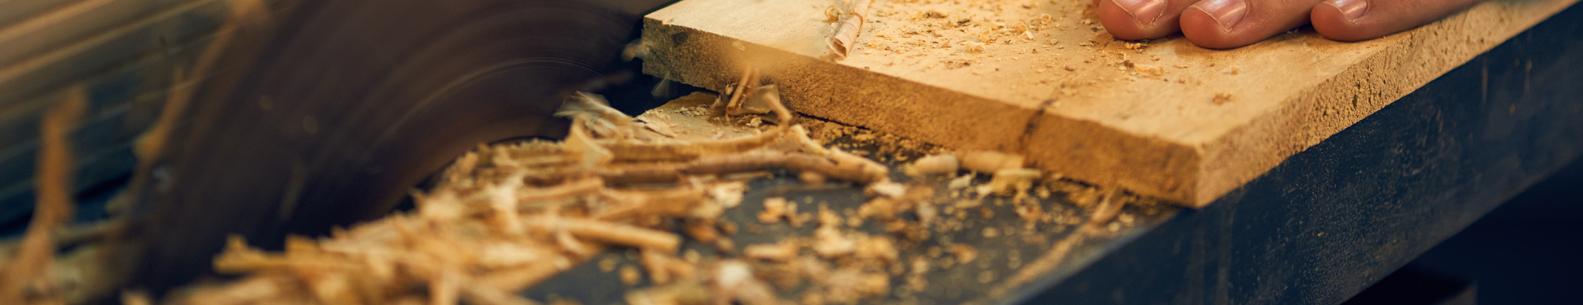 Diskinės medienos  pjovimo staklės